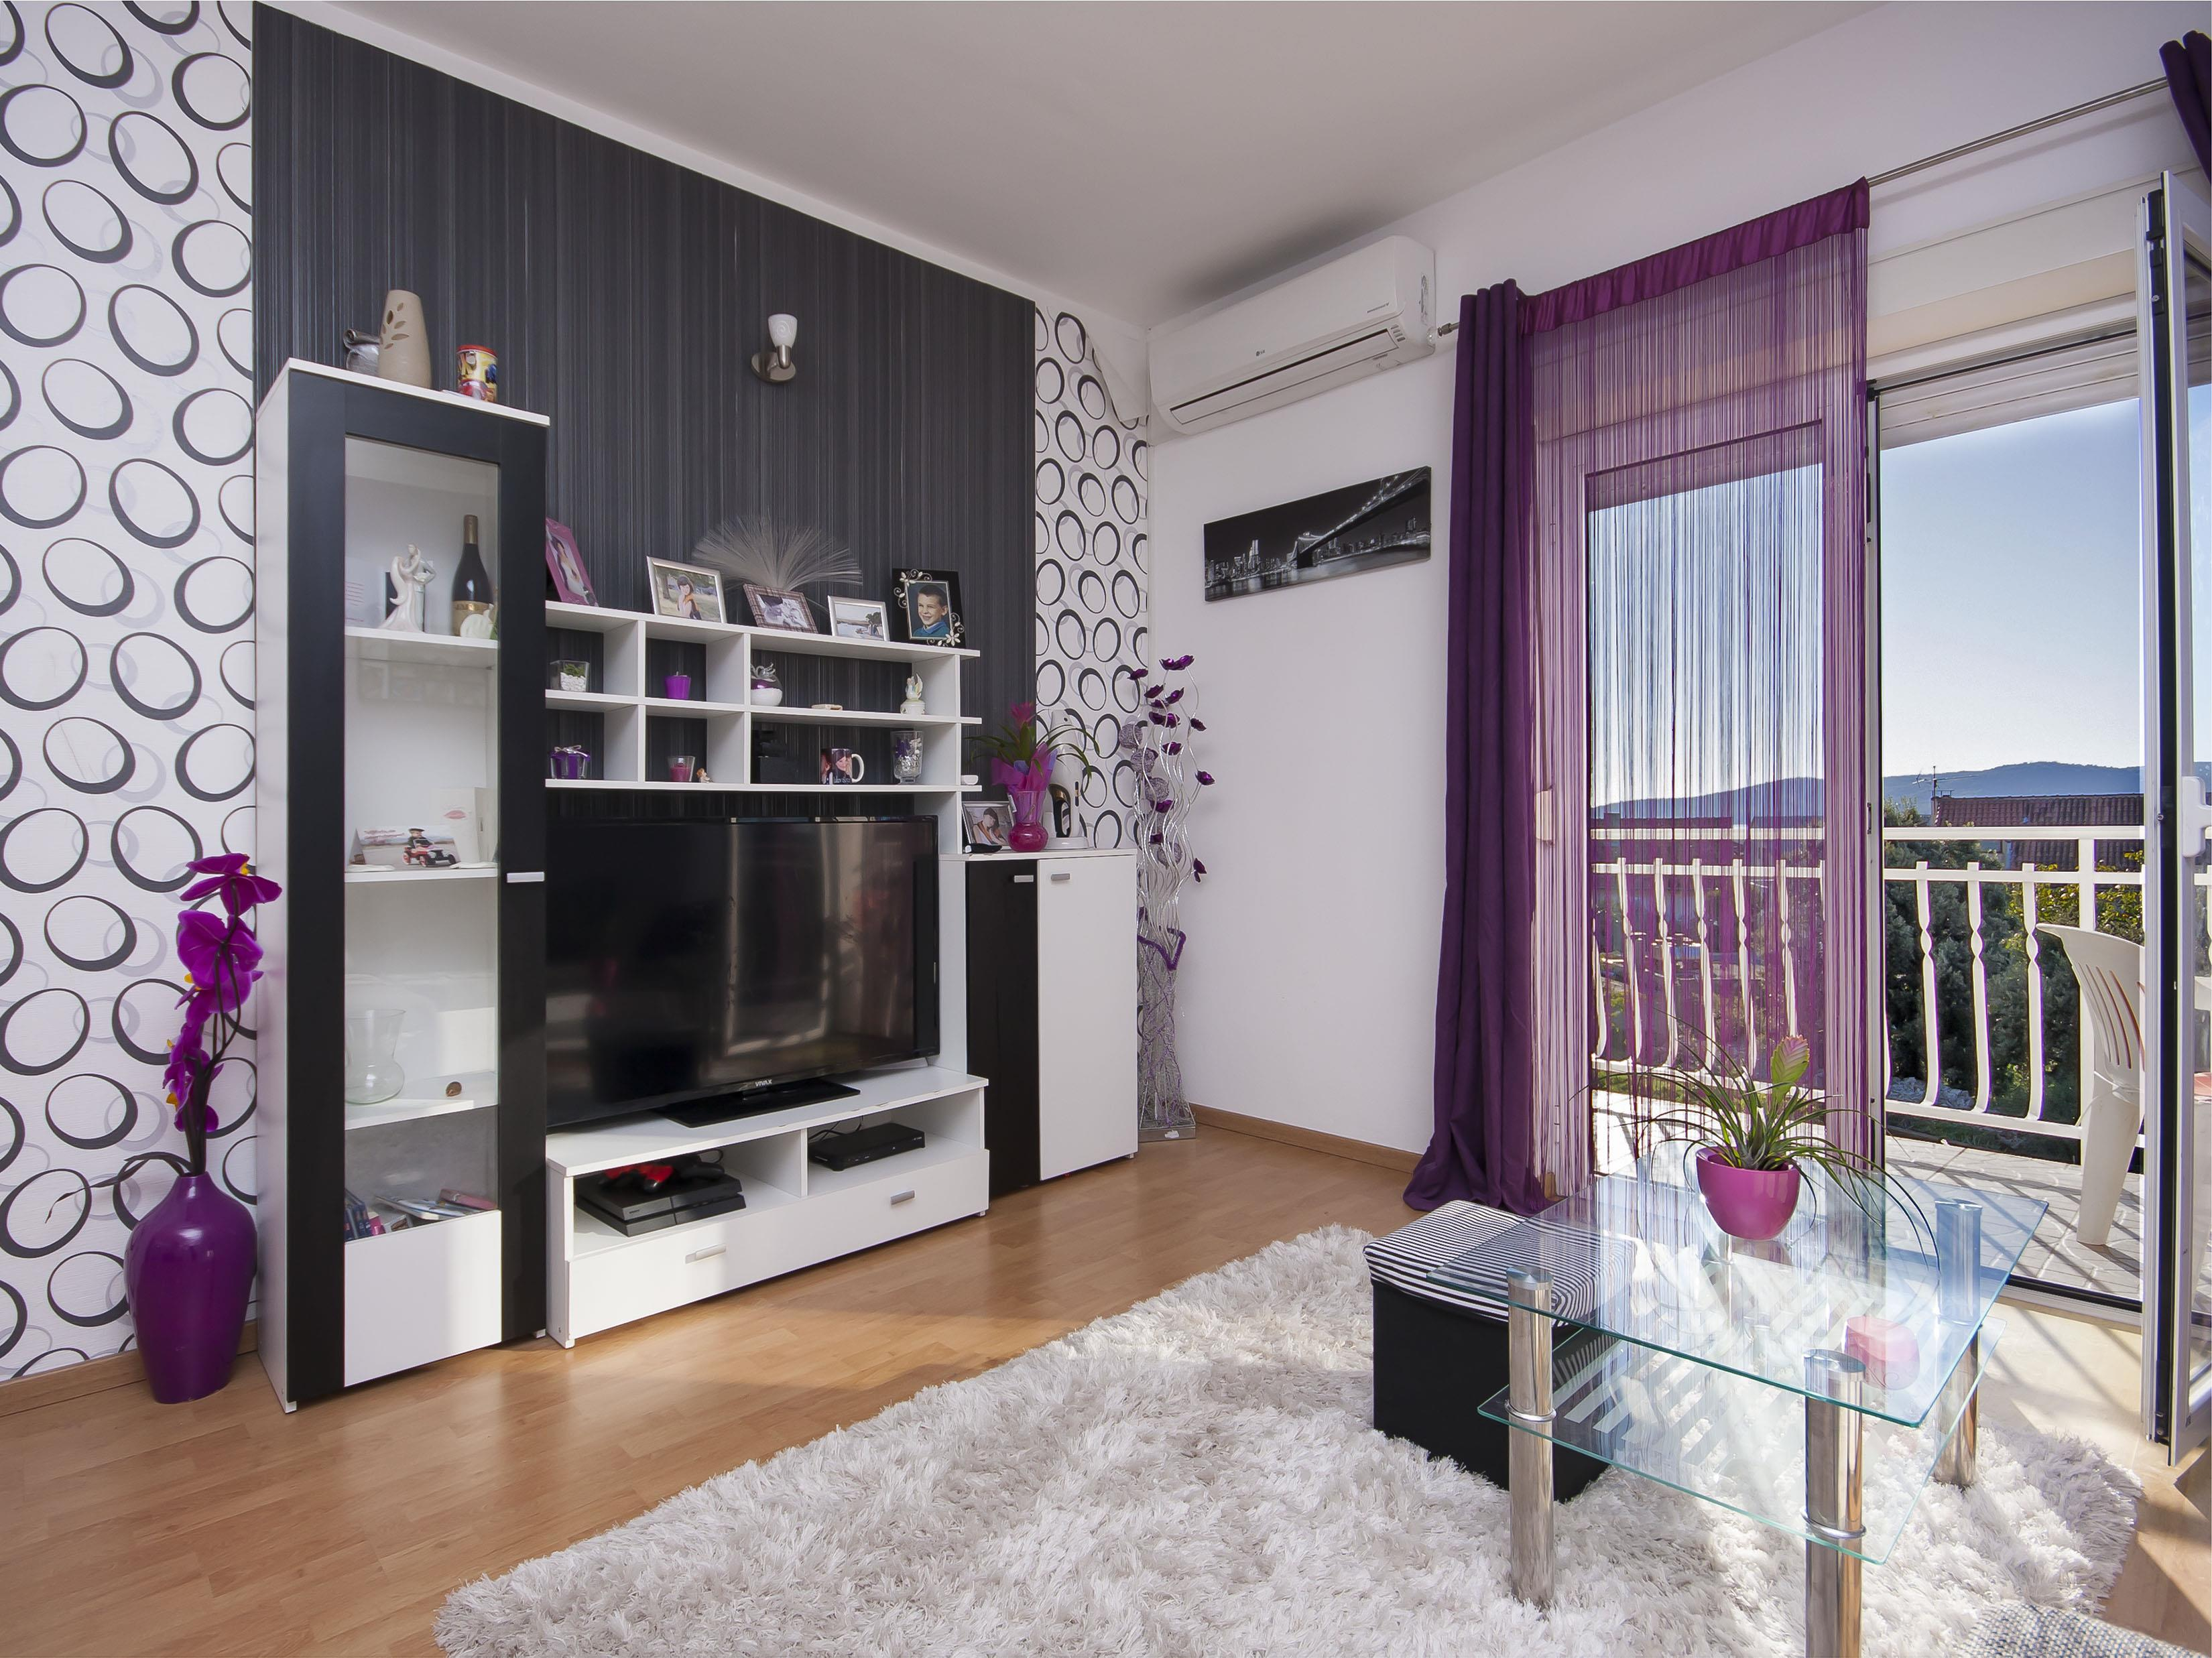 Ferienwohnung Apartments Senka / One bedroom A1 (1902155), Brodarica, , Dalmatien, Kroatien, Bild 9